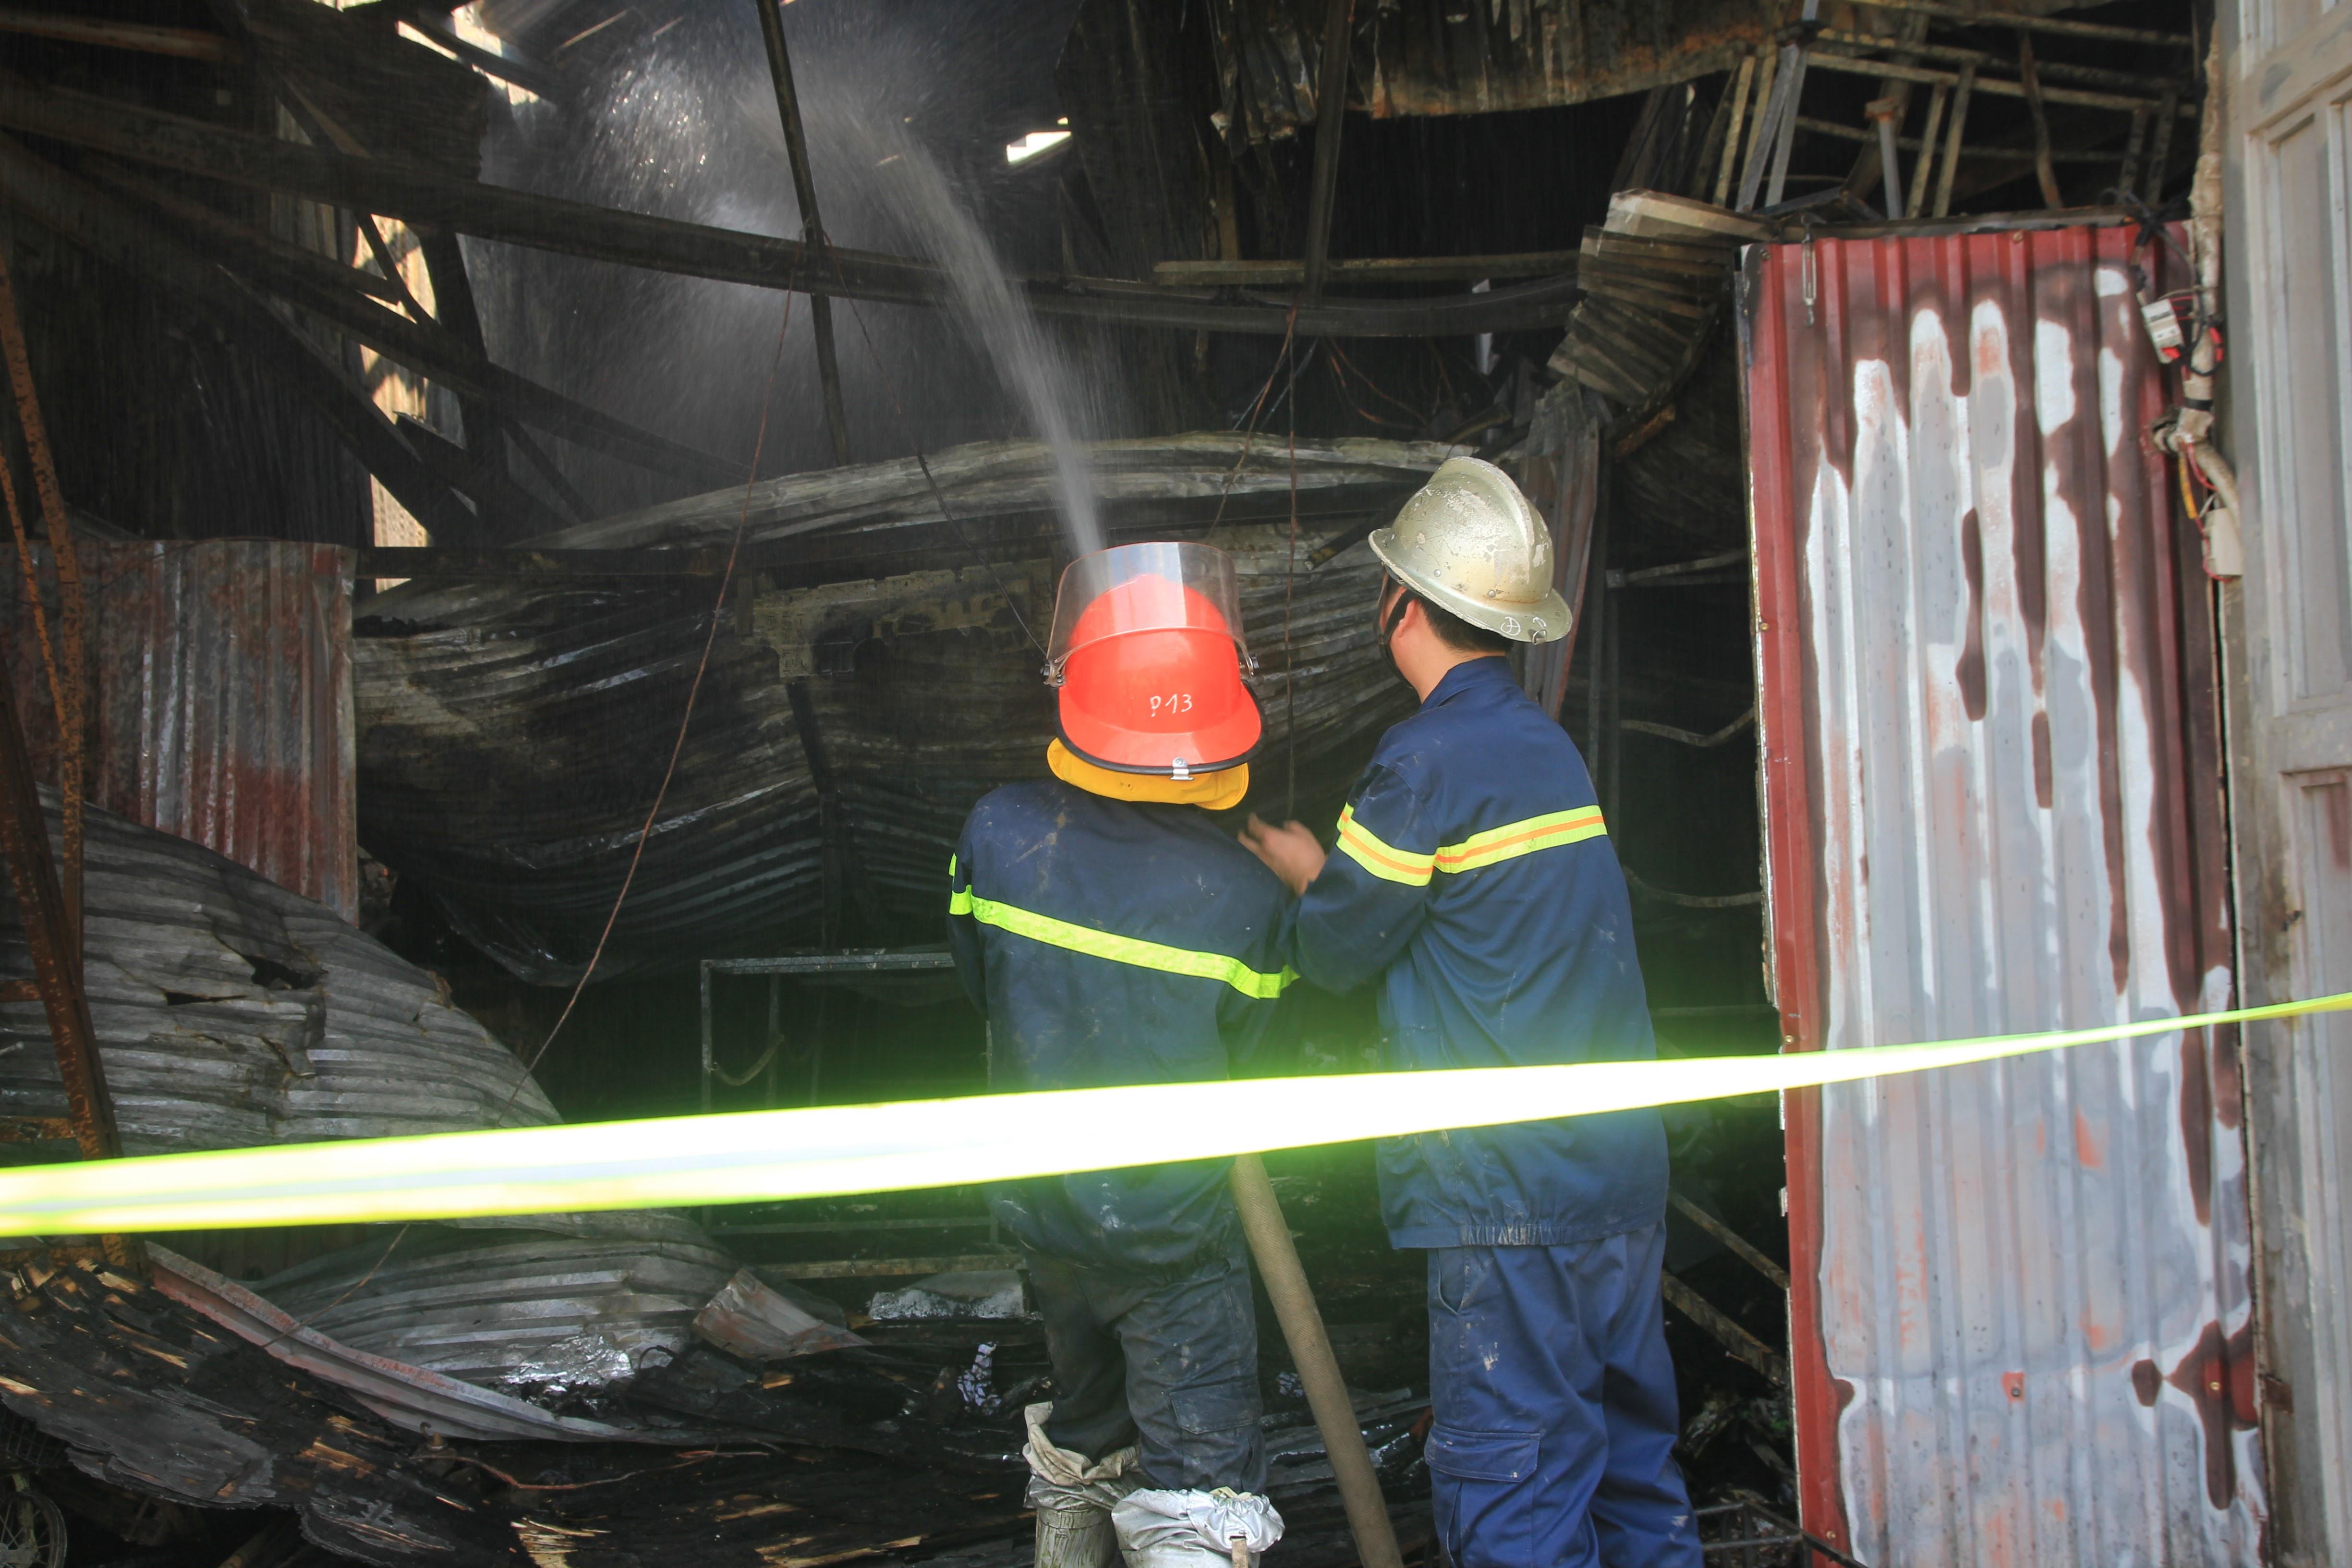 Chùm ảnh: Hiện trường bên trong xưởng sản xuất bánh kẹo nơi 8 công nhân bị mắc kẹt ôm nhau cháy đen - Ảnh 9.